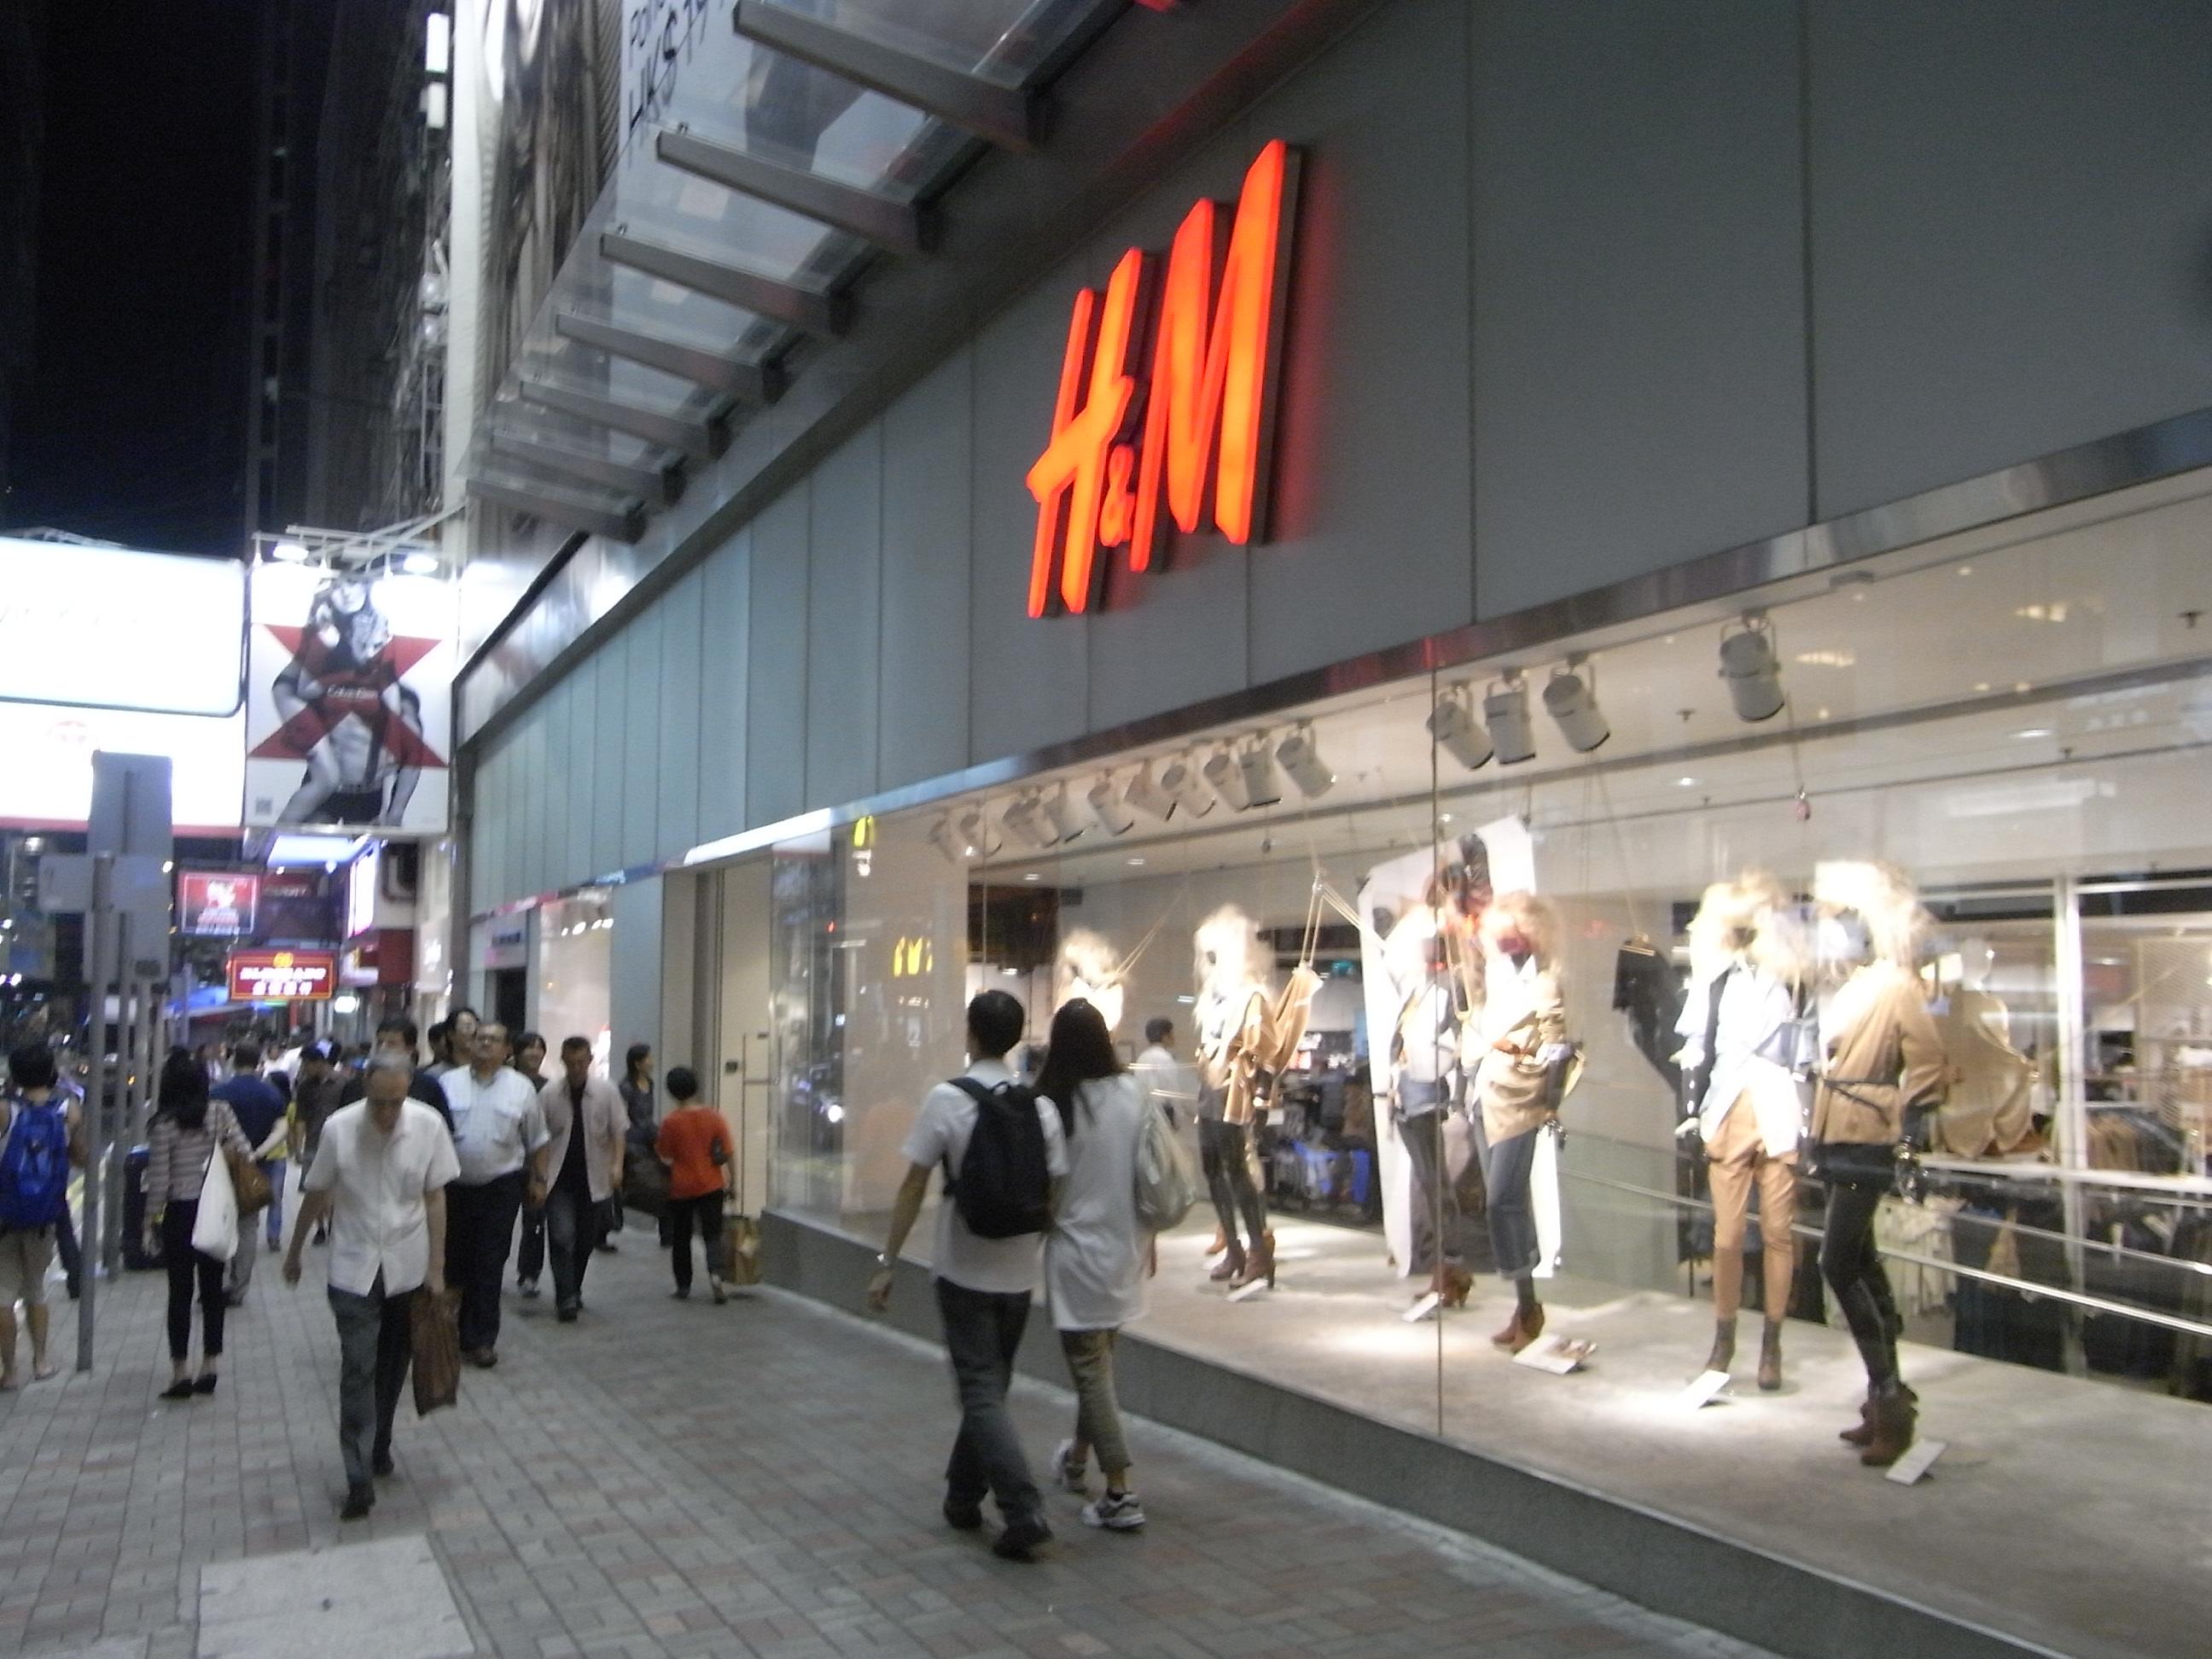 h&m 的經營理念:以最實惠的價格永續提供時尚與品質。自 年成立以來,h&m 已成長為一家世界領先的時尚公司。.